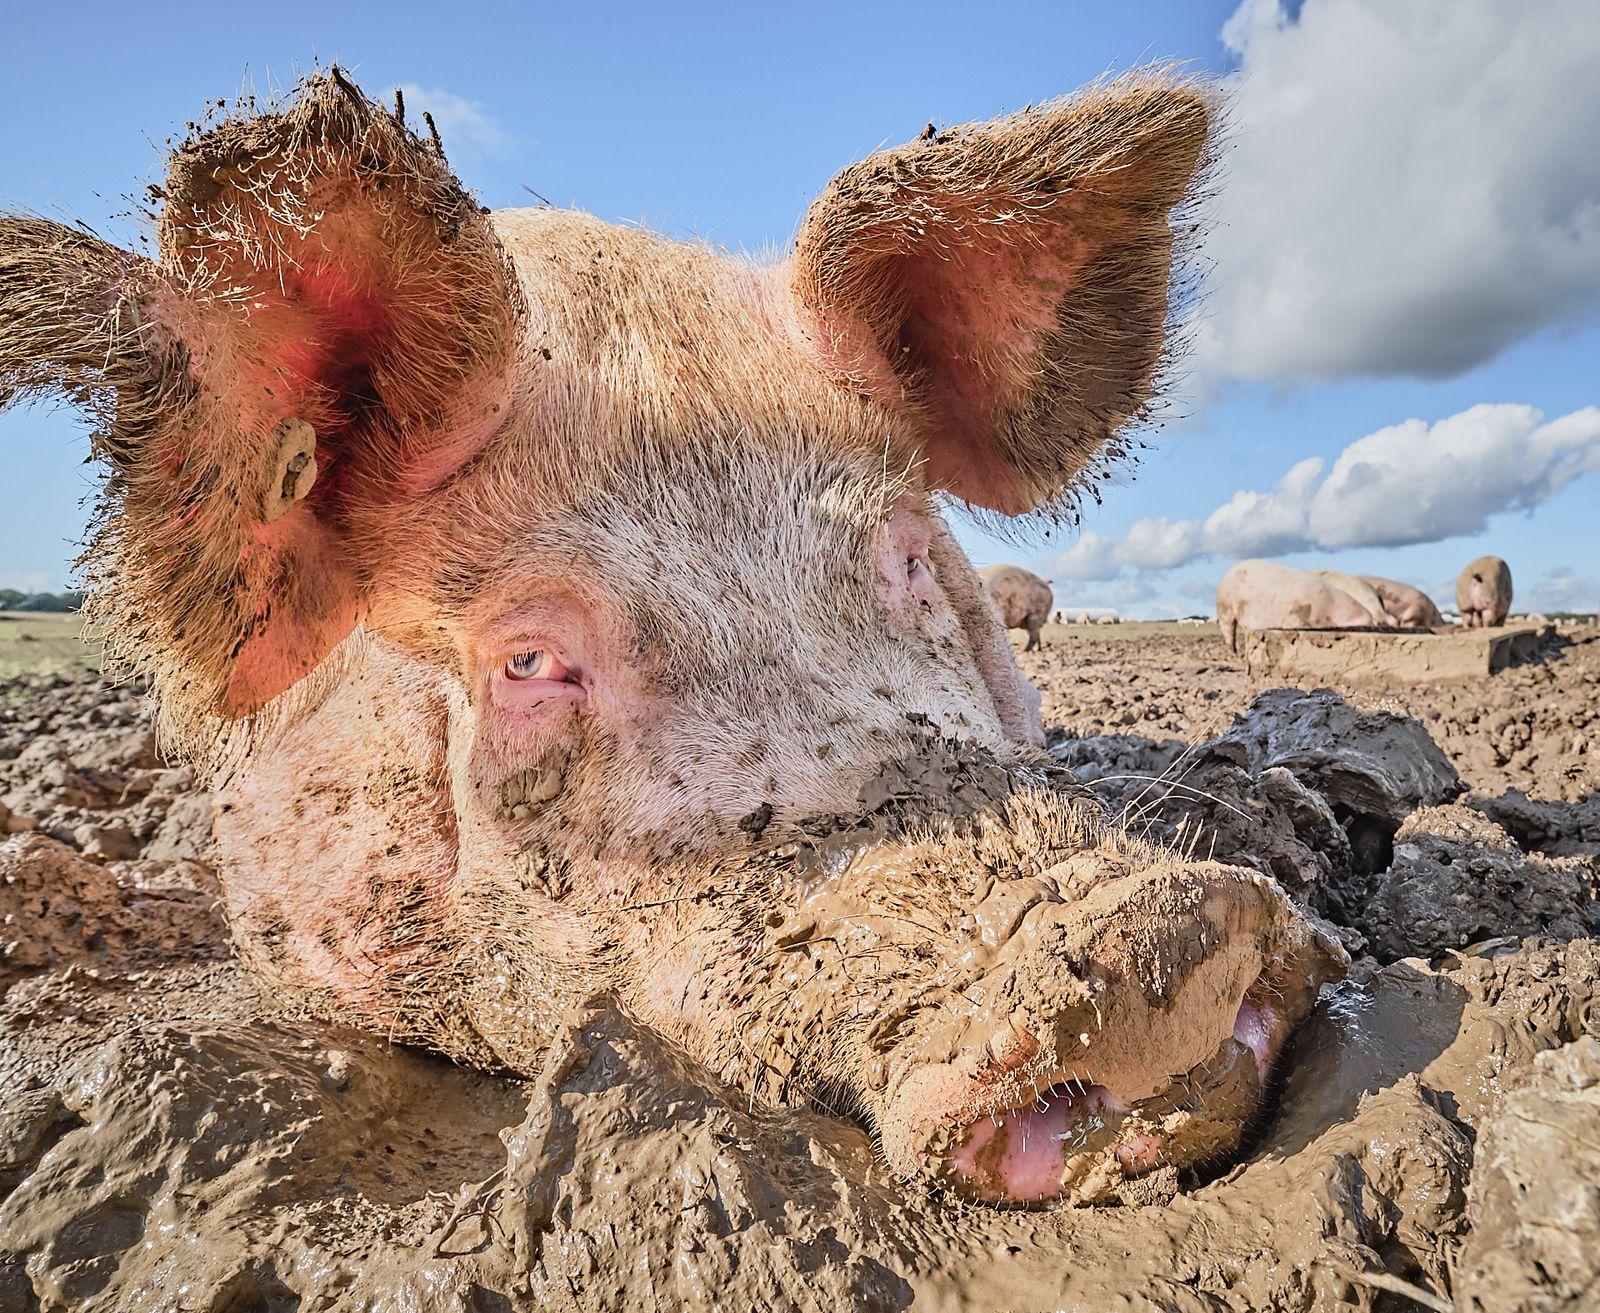 Pig Portrait: Abigail